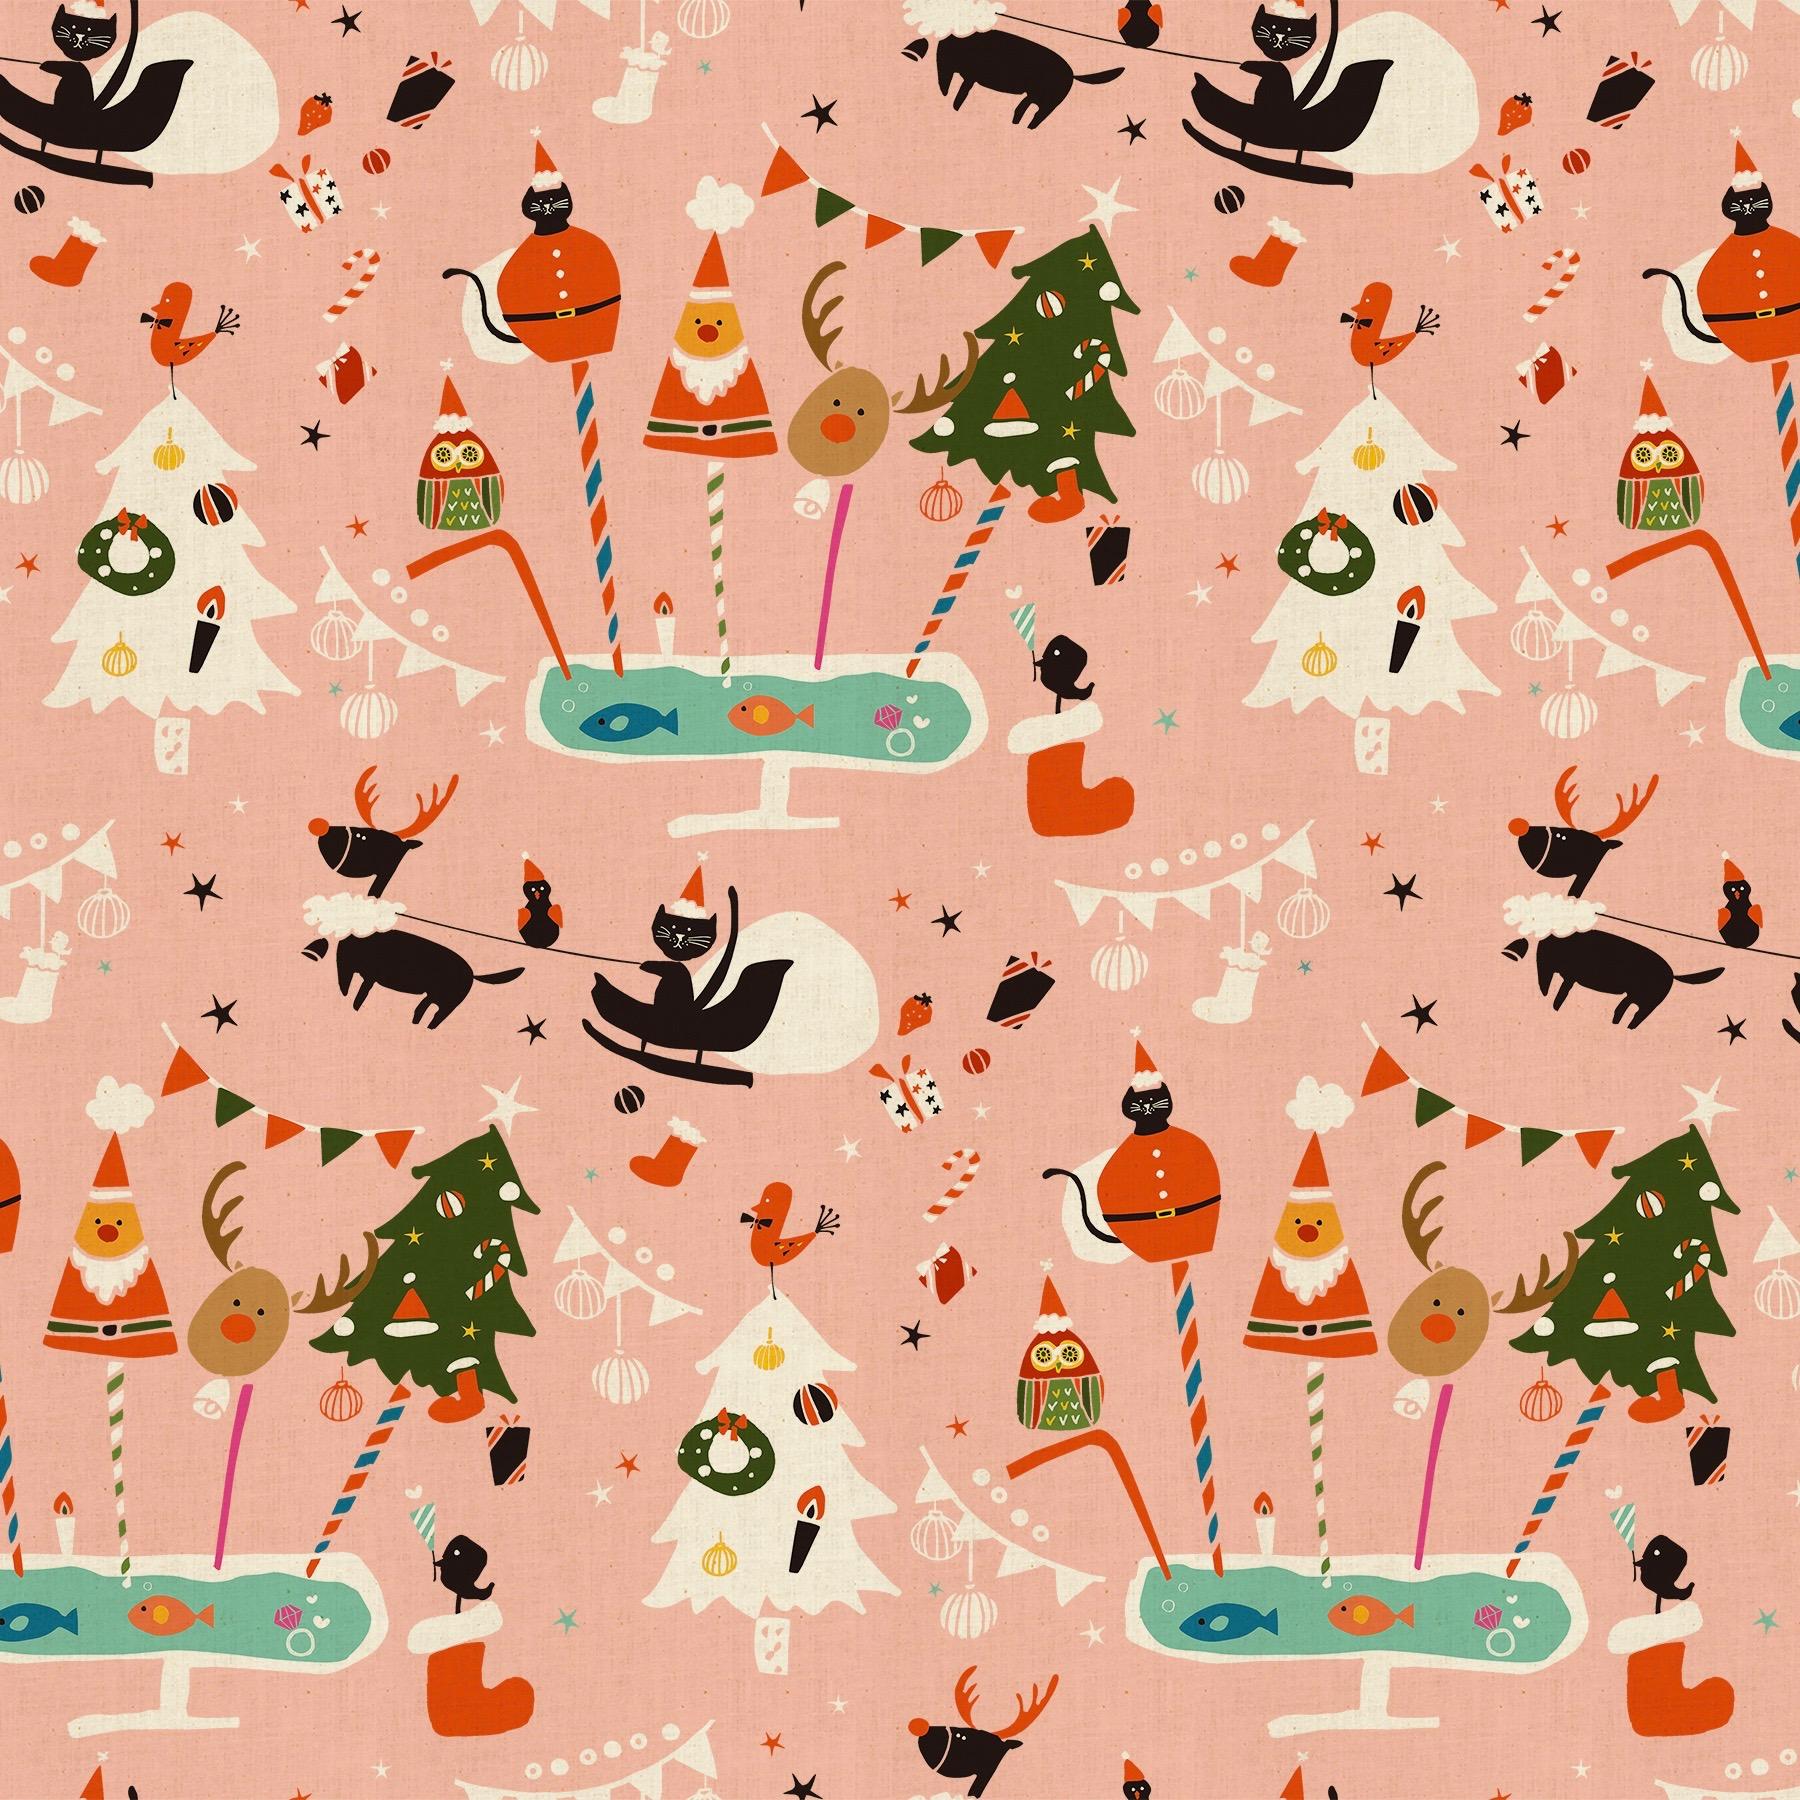 Cotton + Steel Waku Waku Christmas - Holiday Party (Pink)